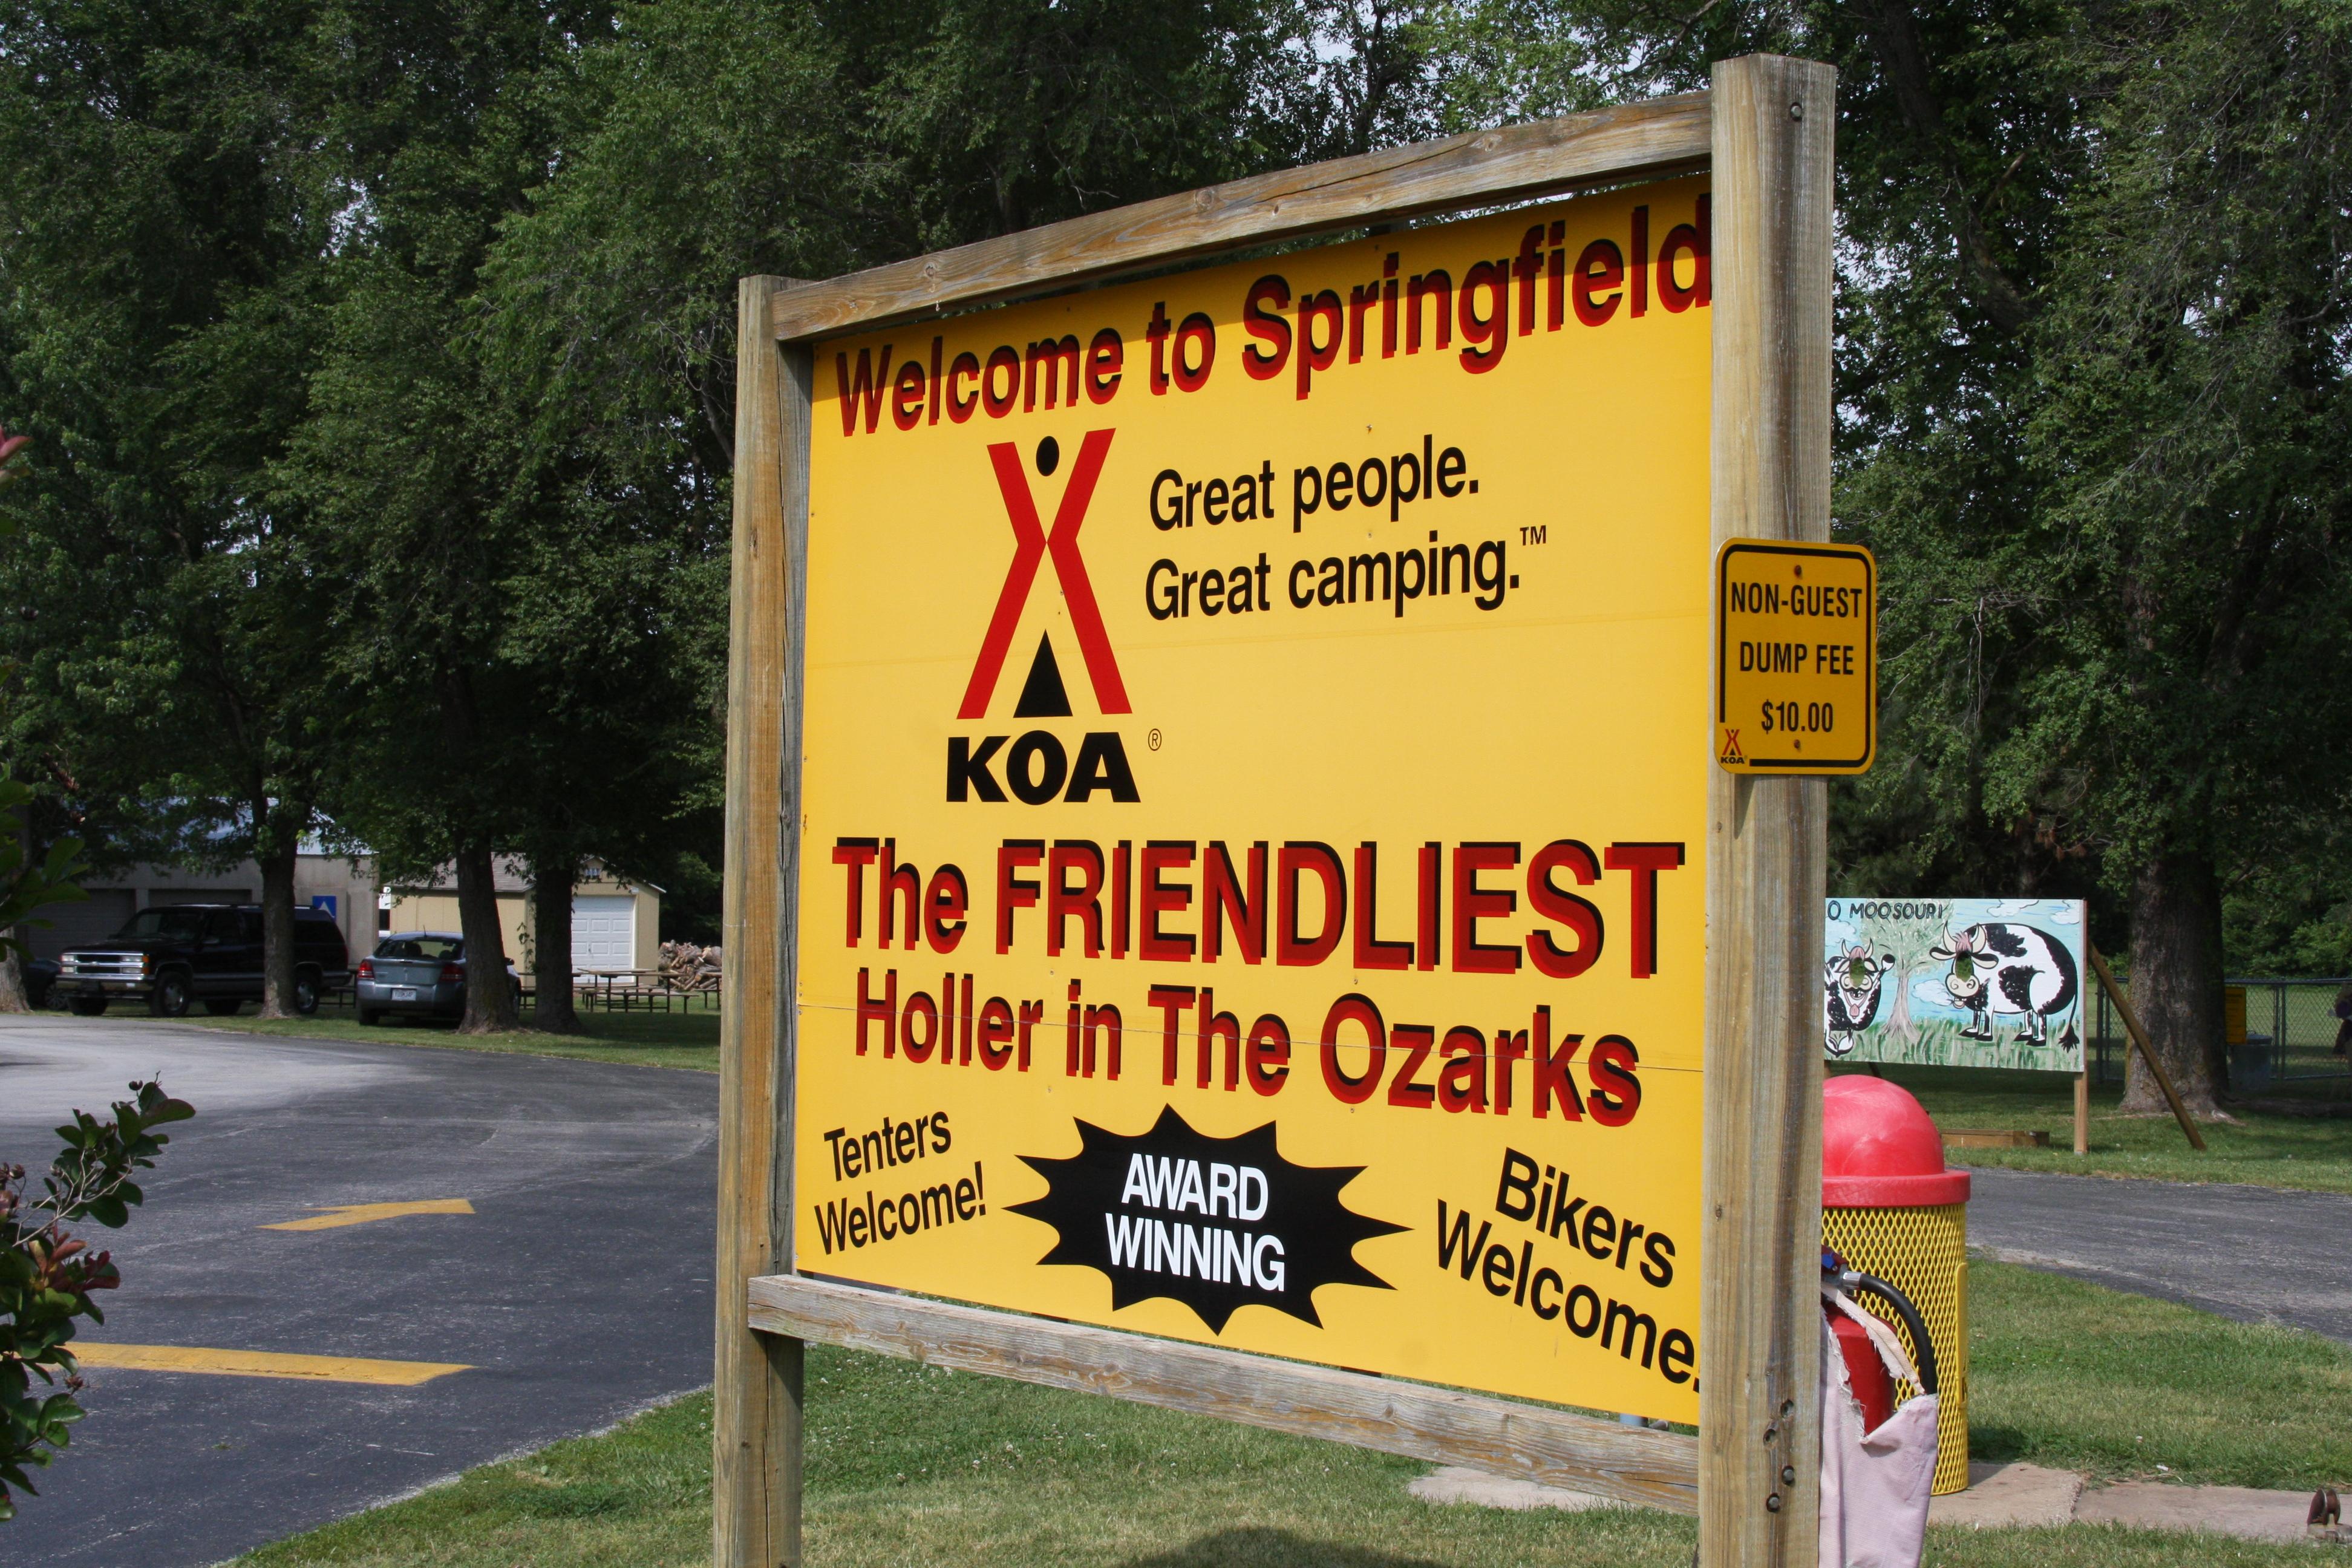 Springfield / Route 66 KOA Holiday image 5